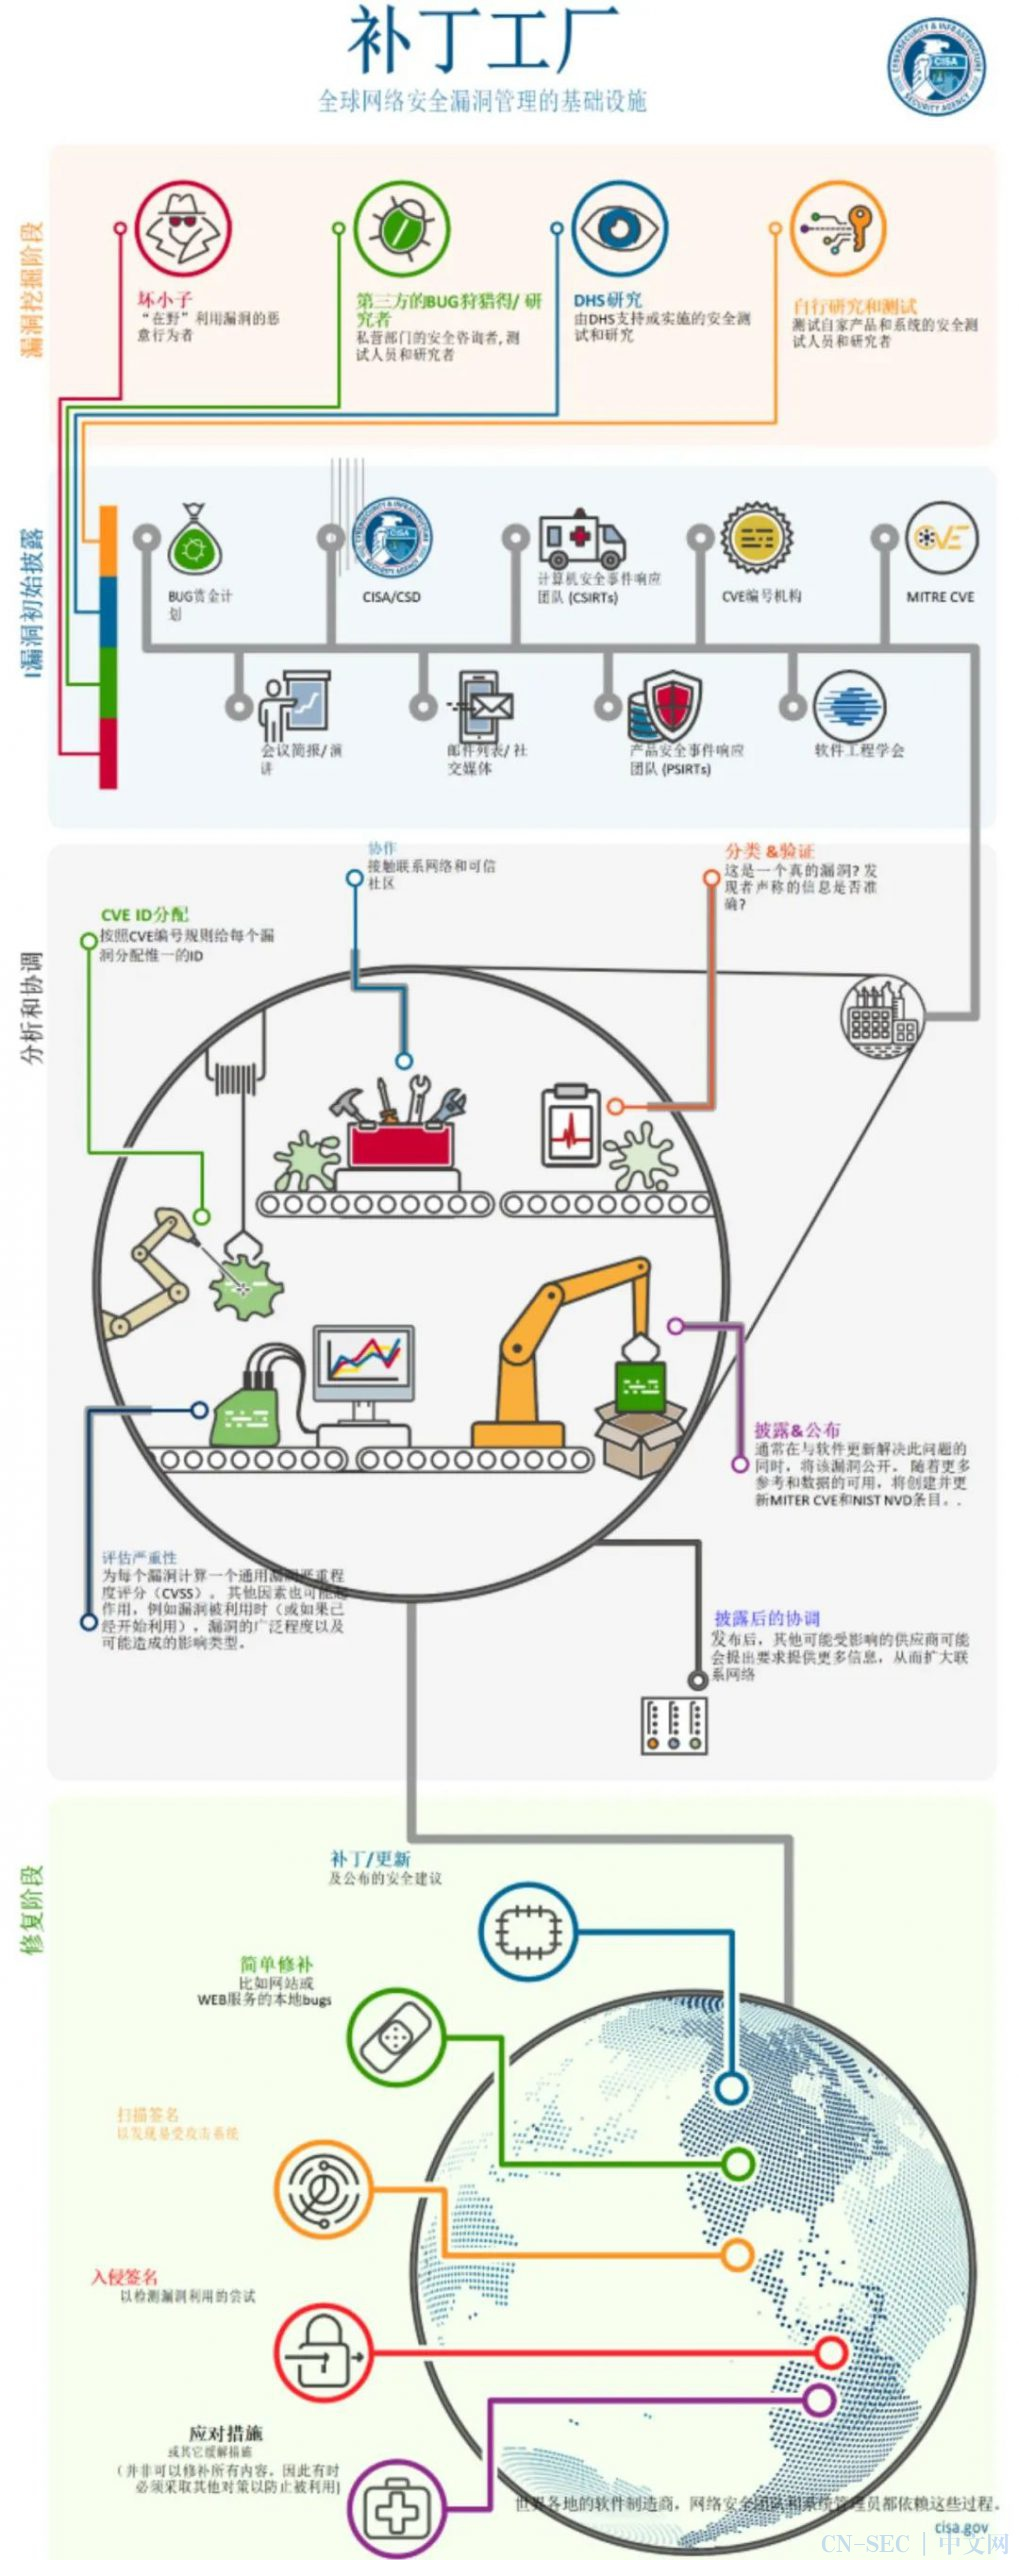 工业控制系统漏洞之补丁修复策略探讨